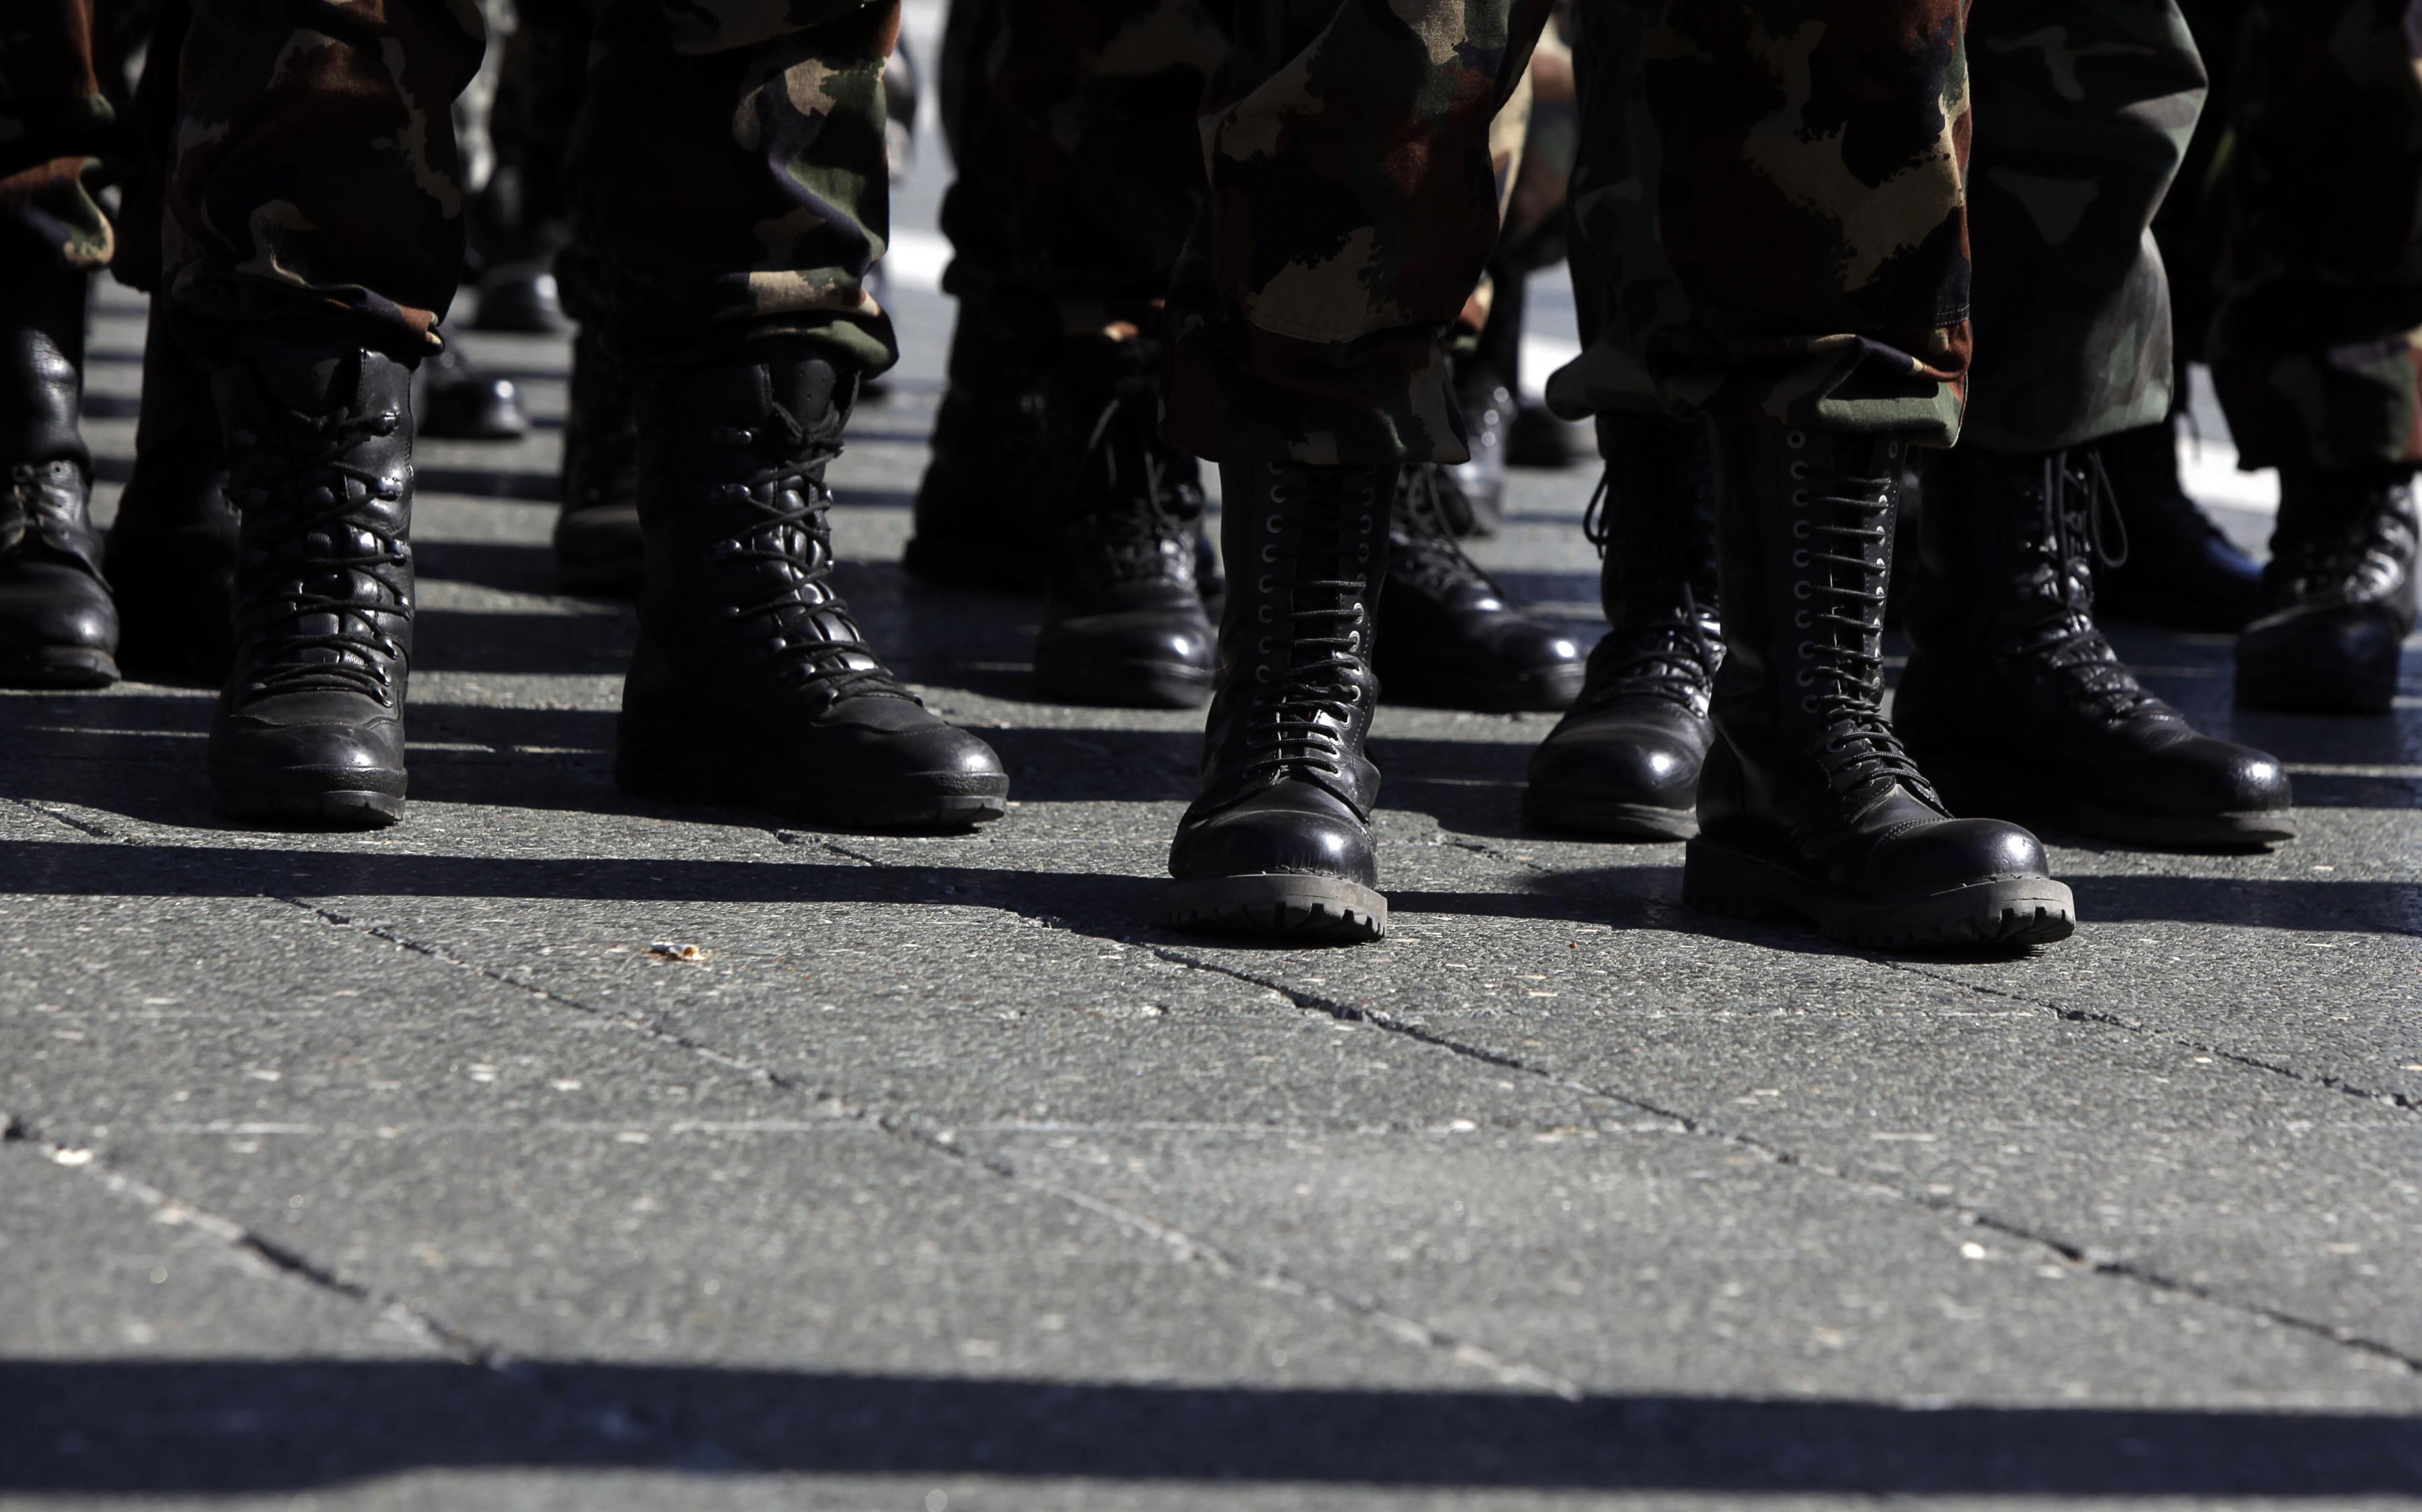 Jogerős a melegeket és romákat verő gárdisták börtönbüntetése